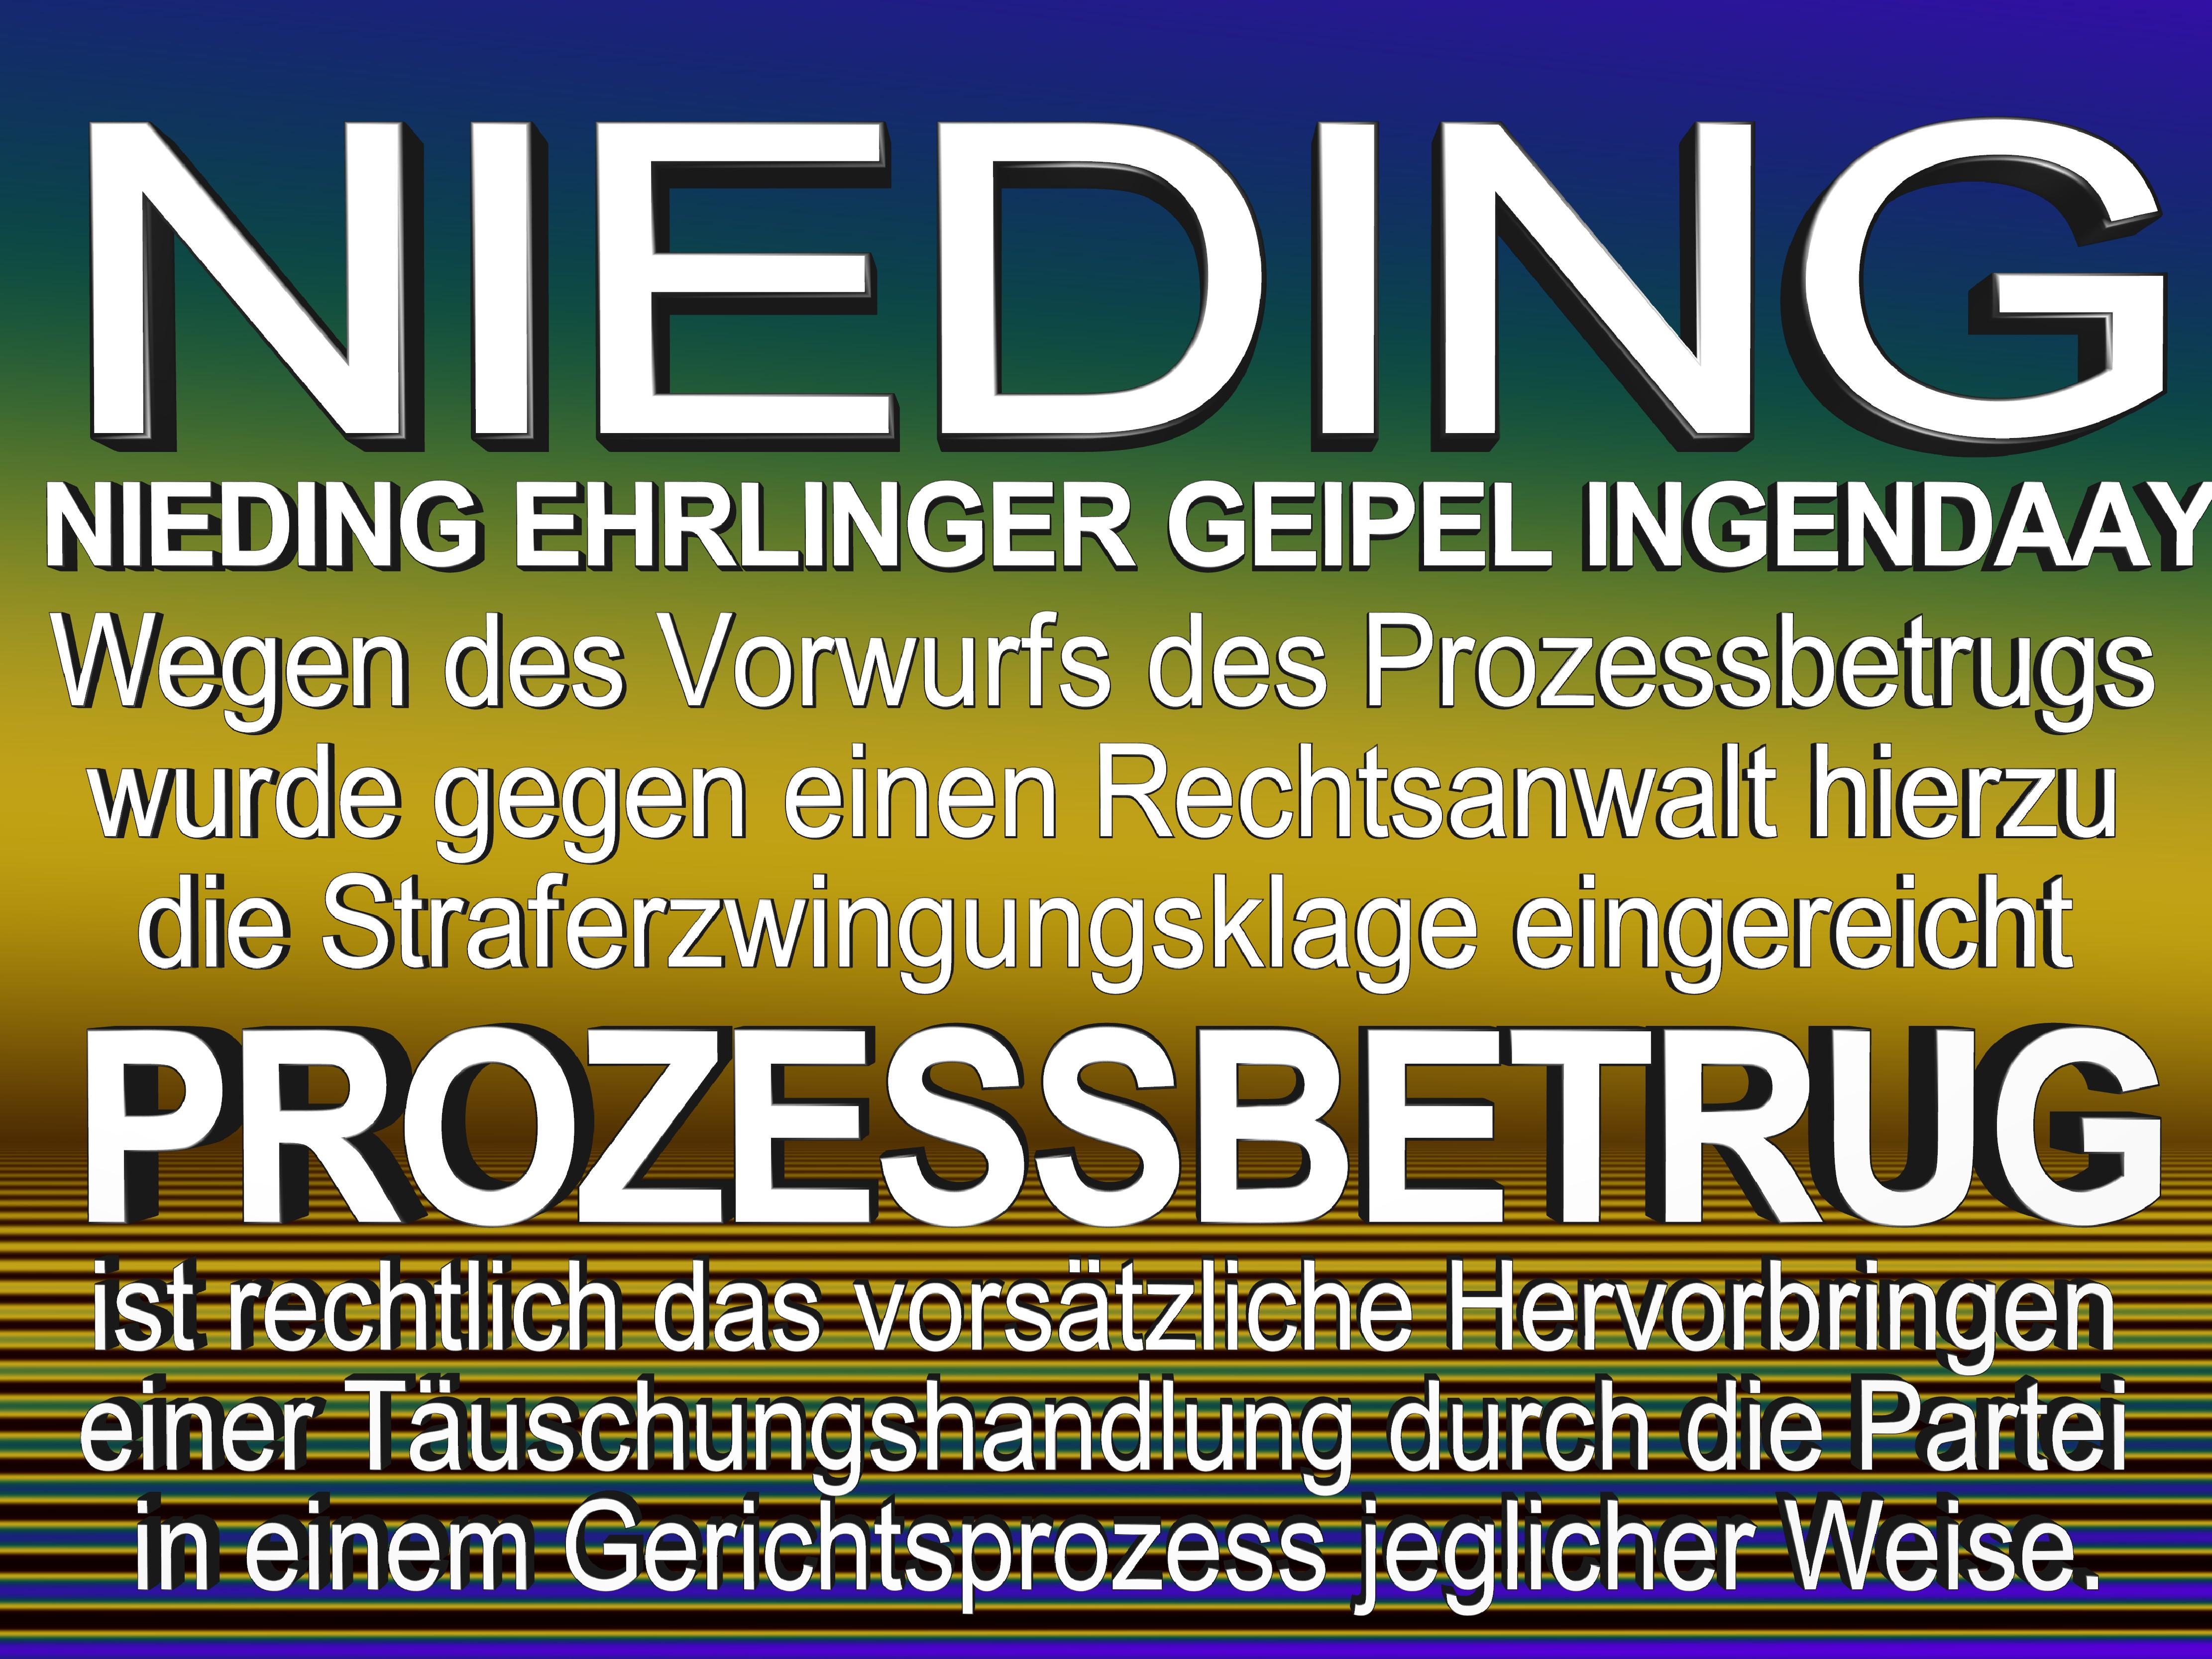 NIEDING EHRLINGER GEIPEL INGENDAAY LELKE Kurfürstendamm 66 Berlin (30)